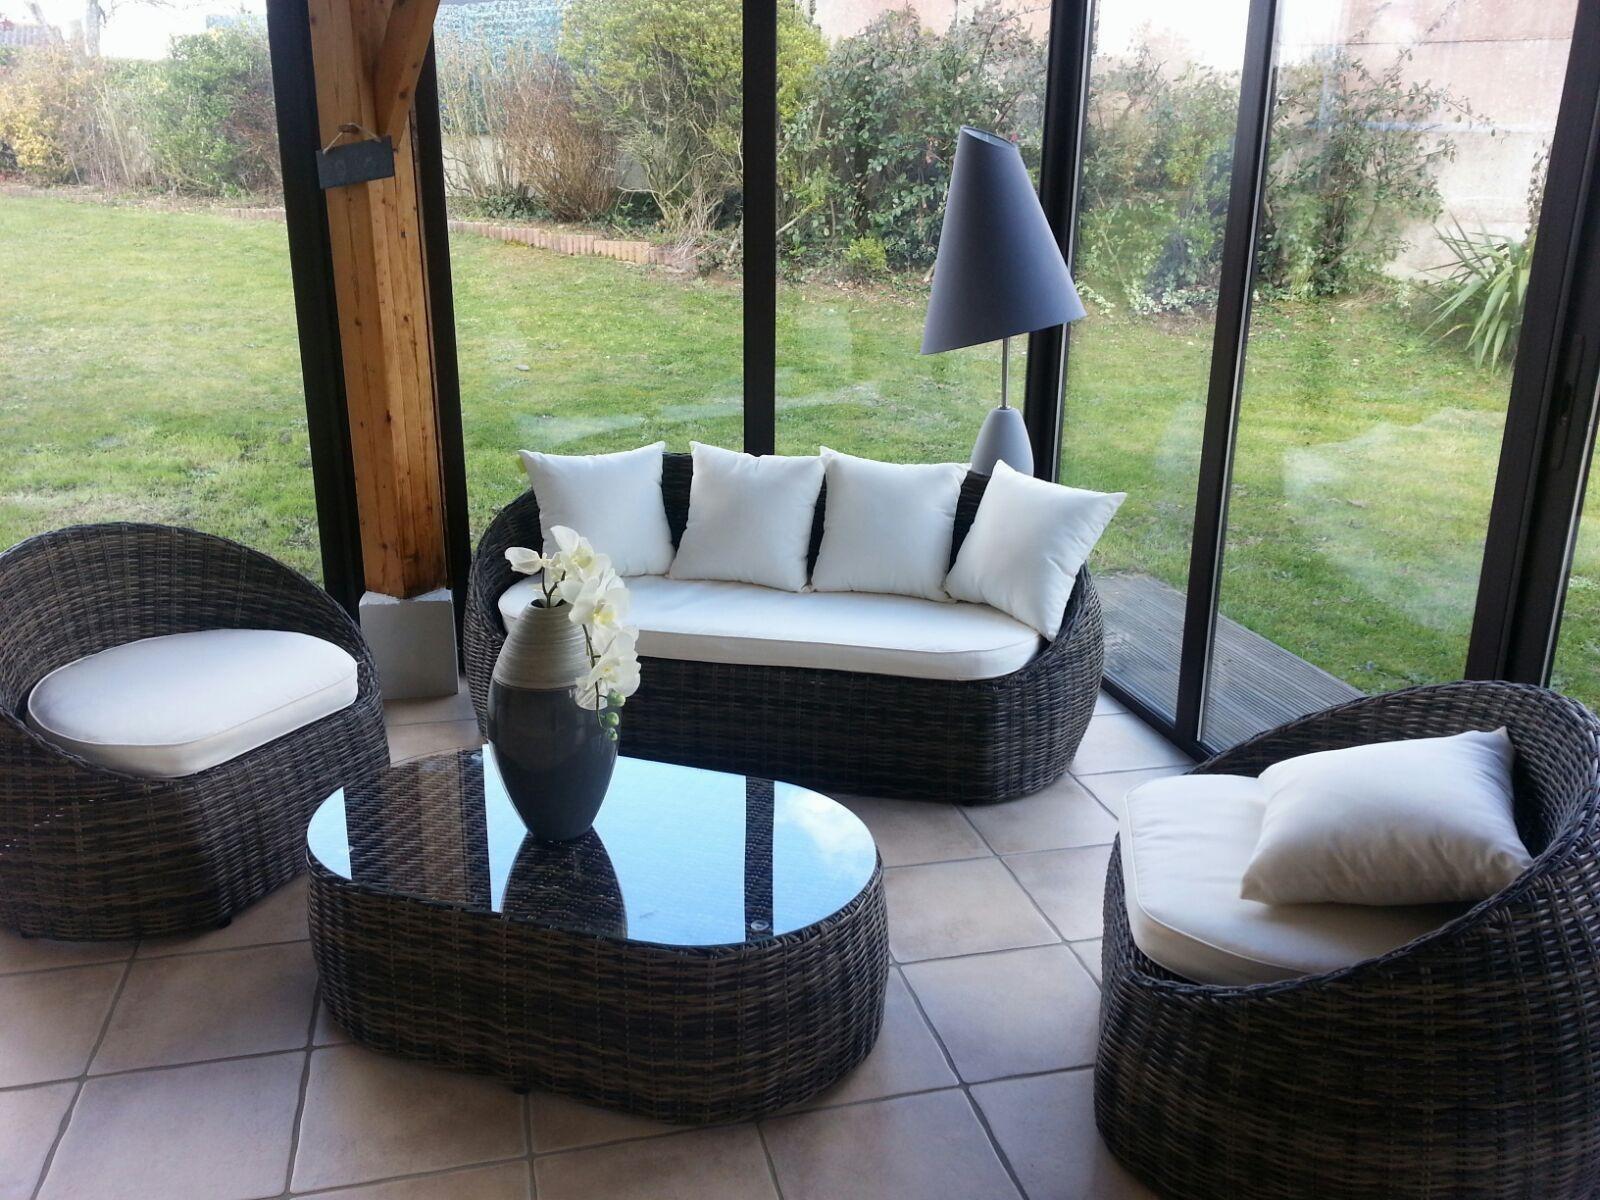 Salon de jardin resine balcon - Mailleraye.fr jardin